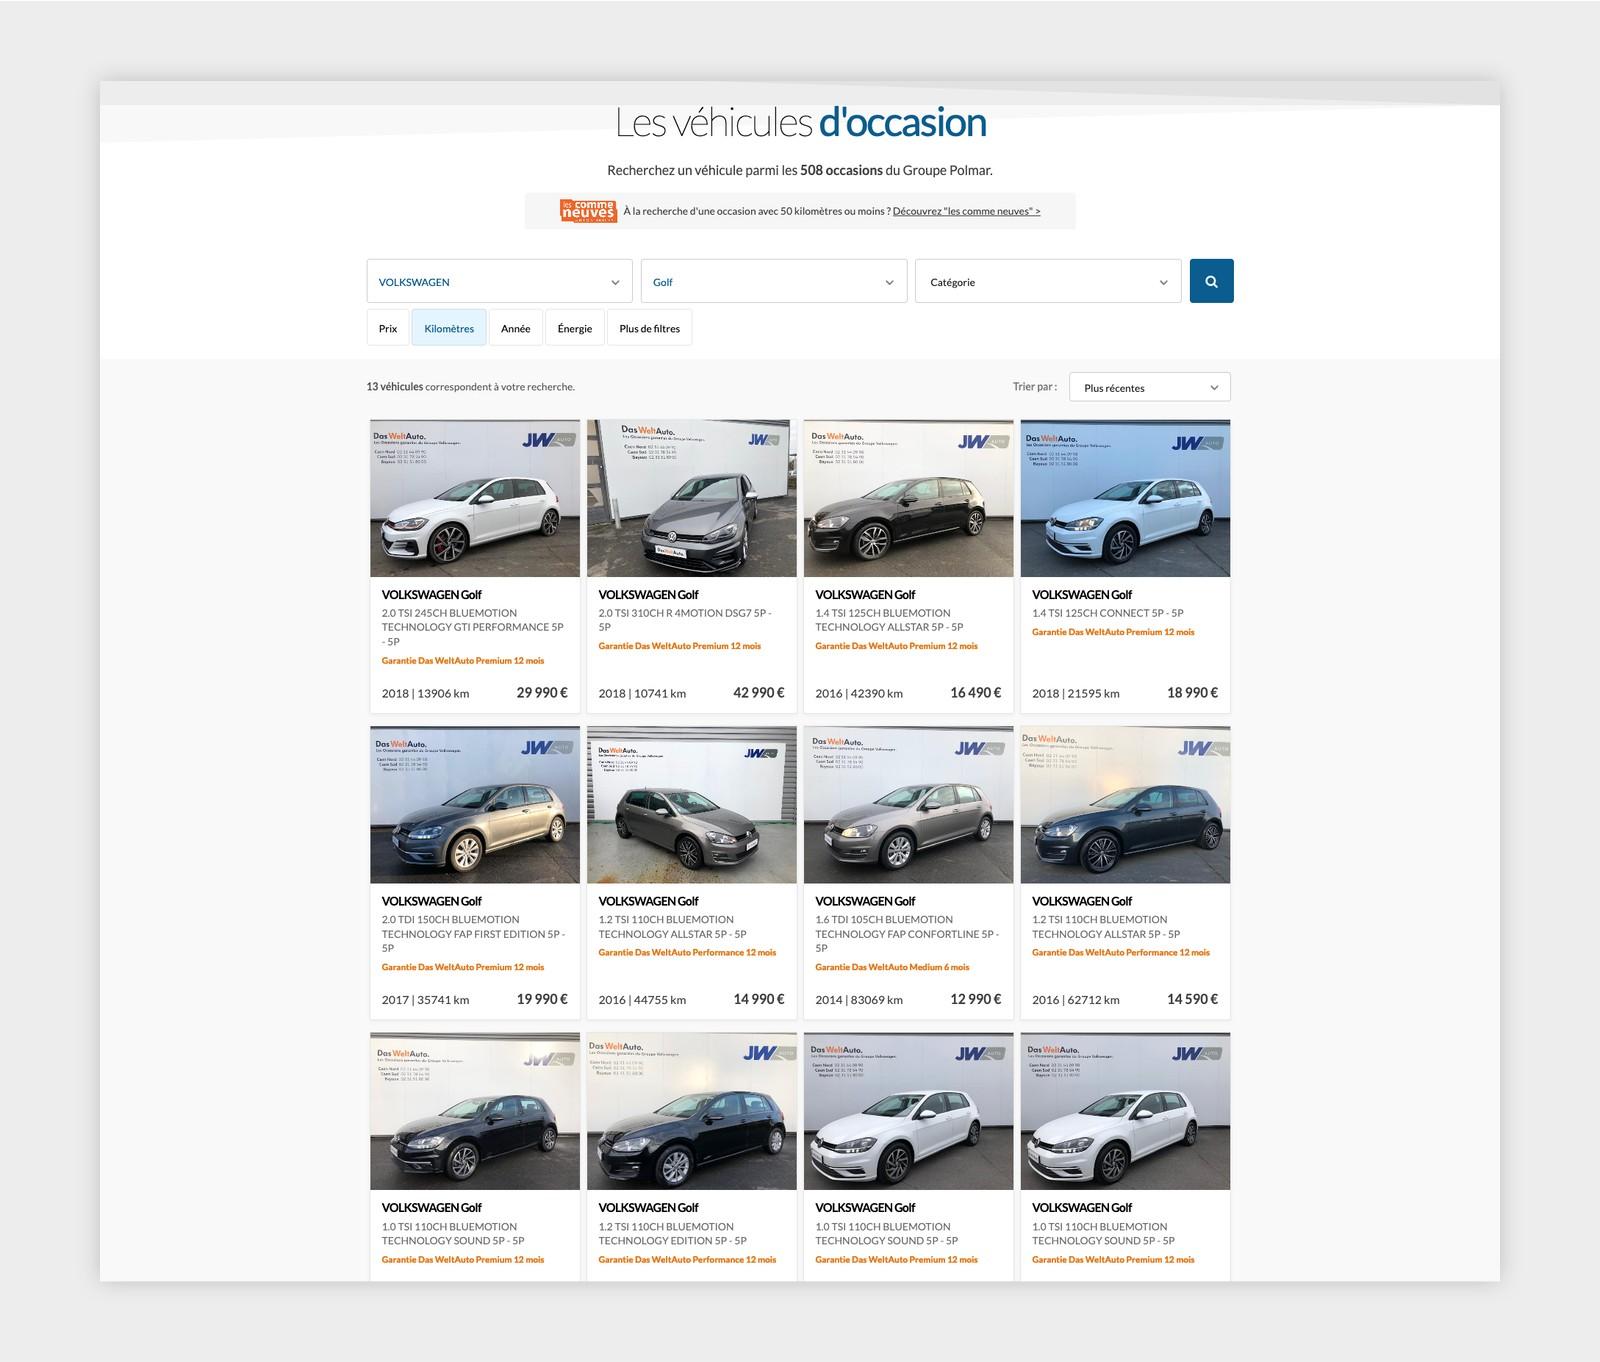 Liste des véhicules d'occasion du Groupe Polmar